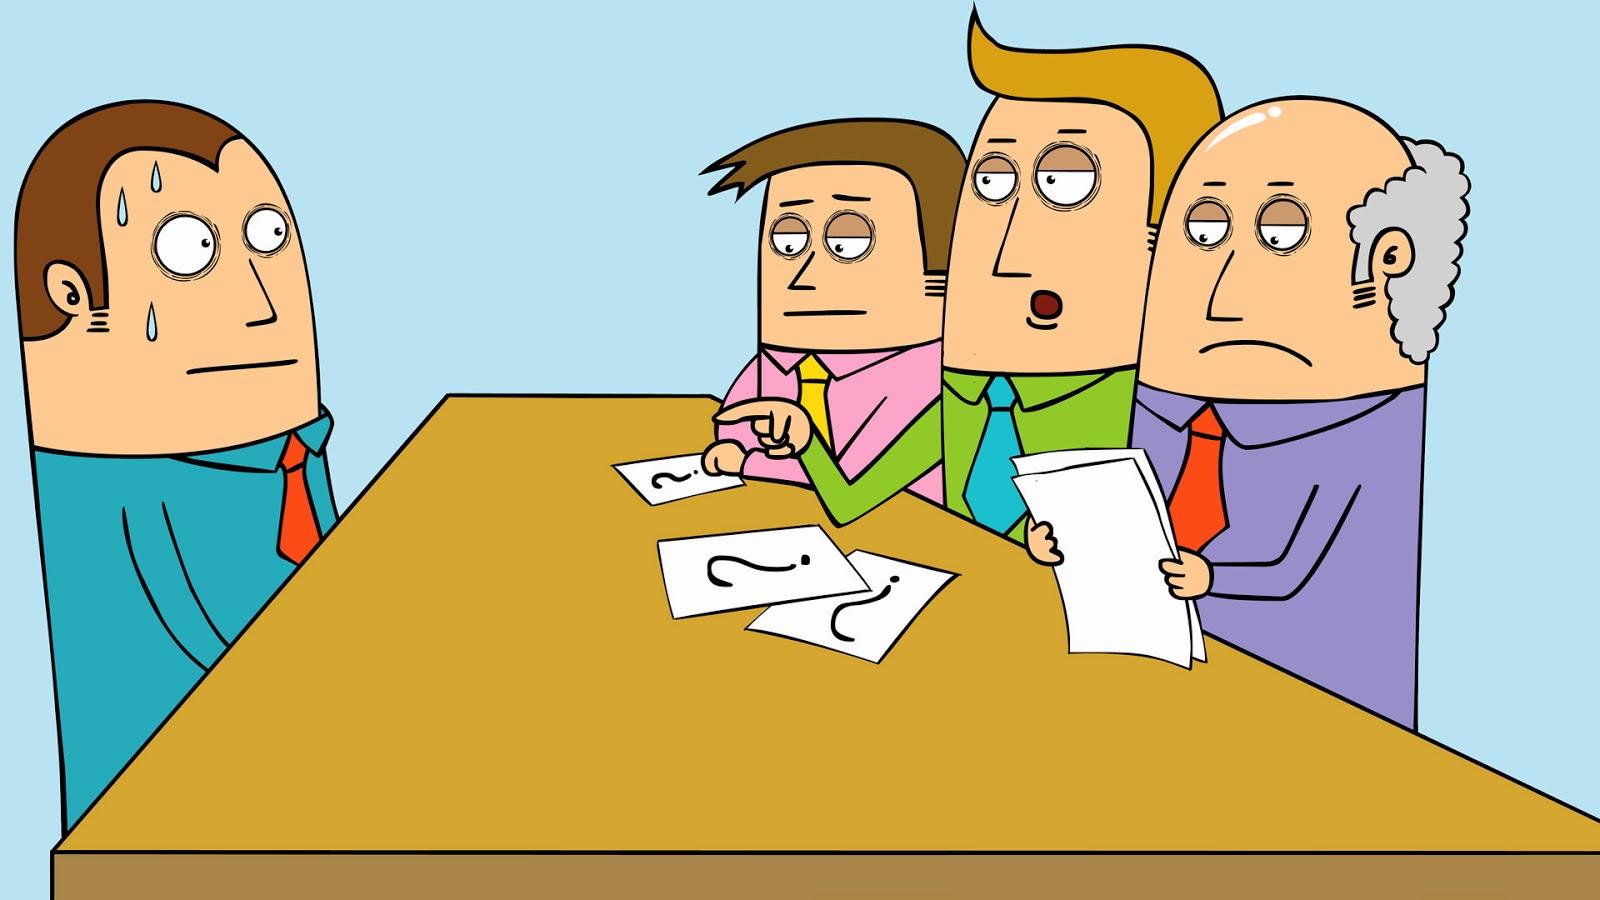 Chuyện đáng suy ngẫm về phỏng vấn xin việc của giới trẻ